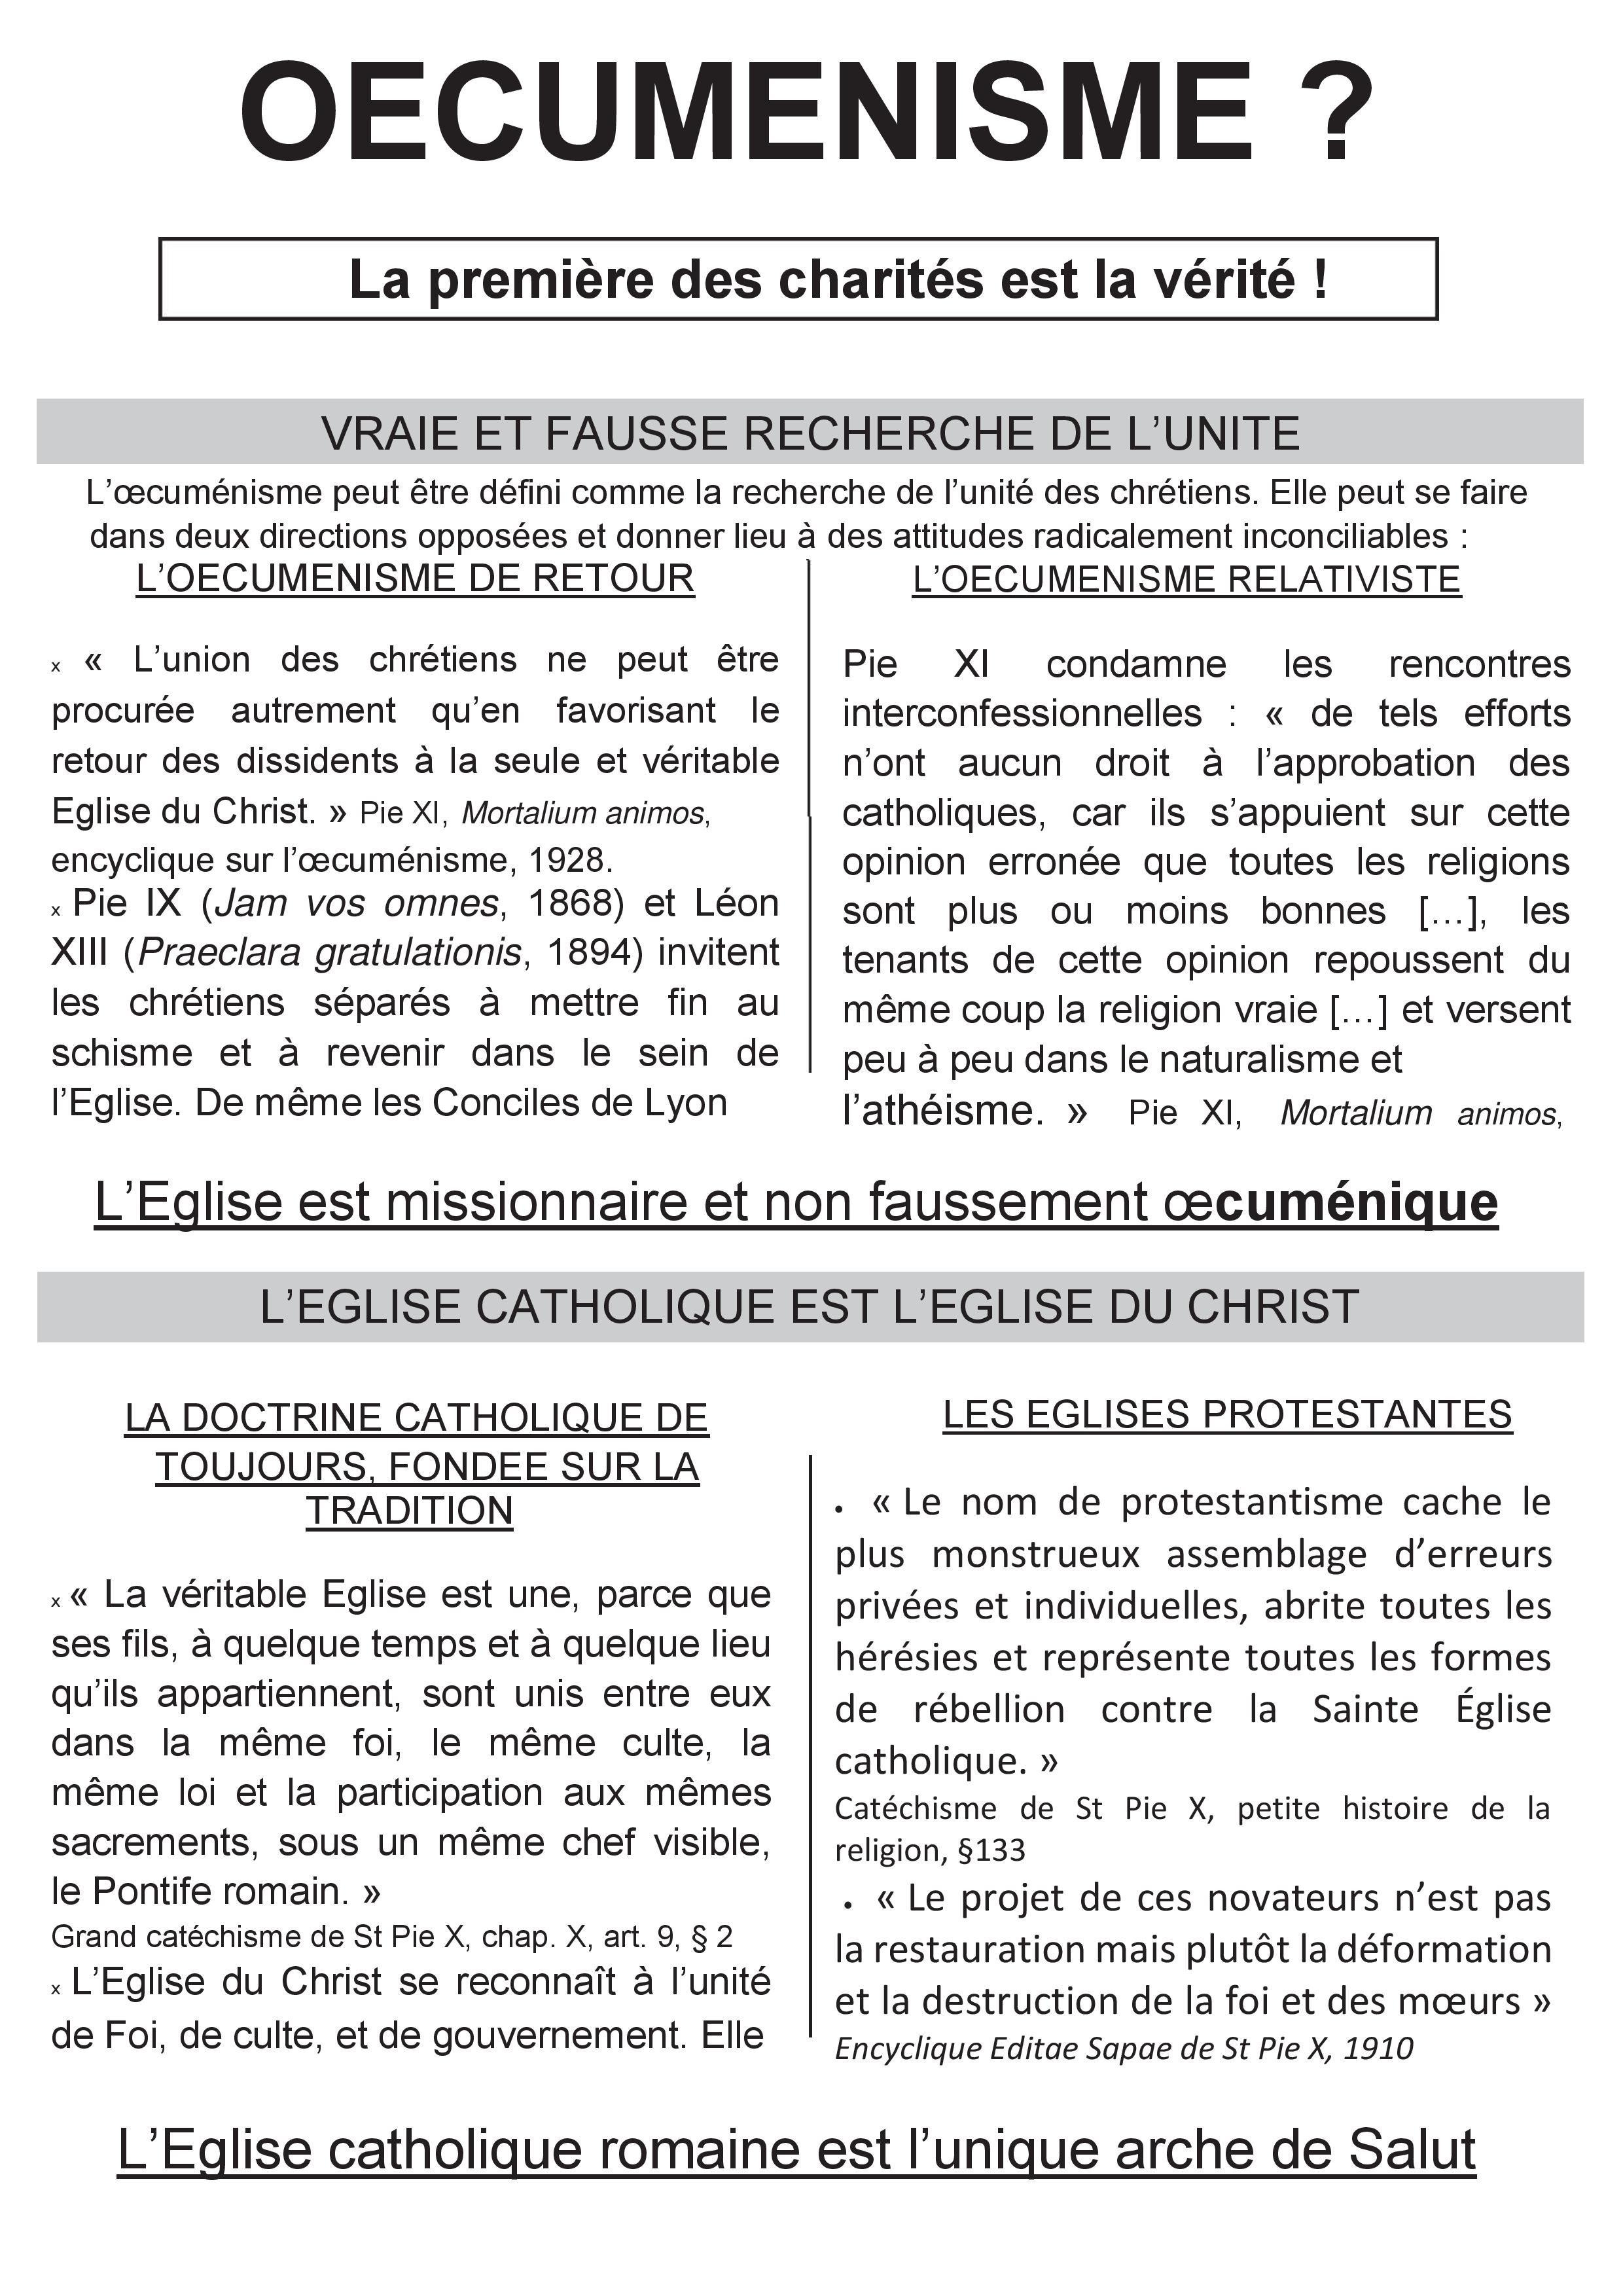 Le tract argumentaire du MJCF contre les célébrations œcuméniques avec les Luthériens